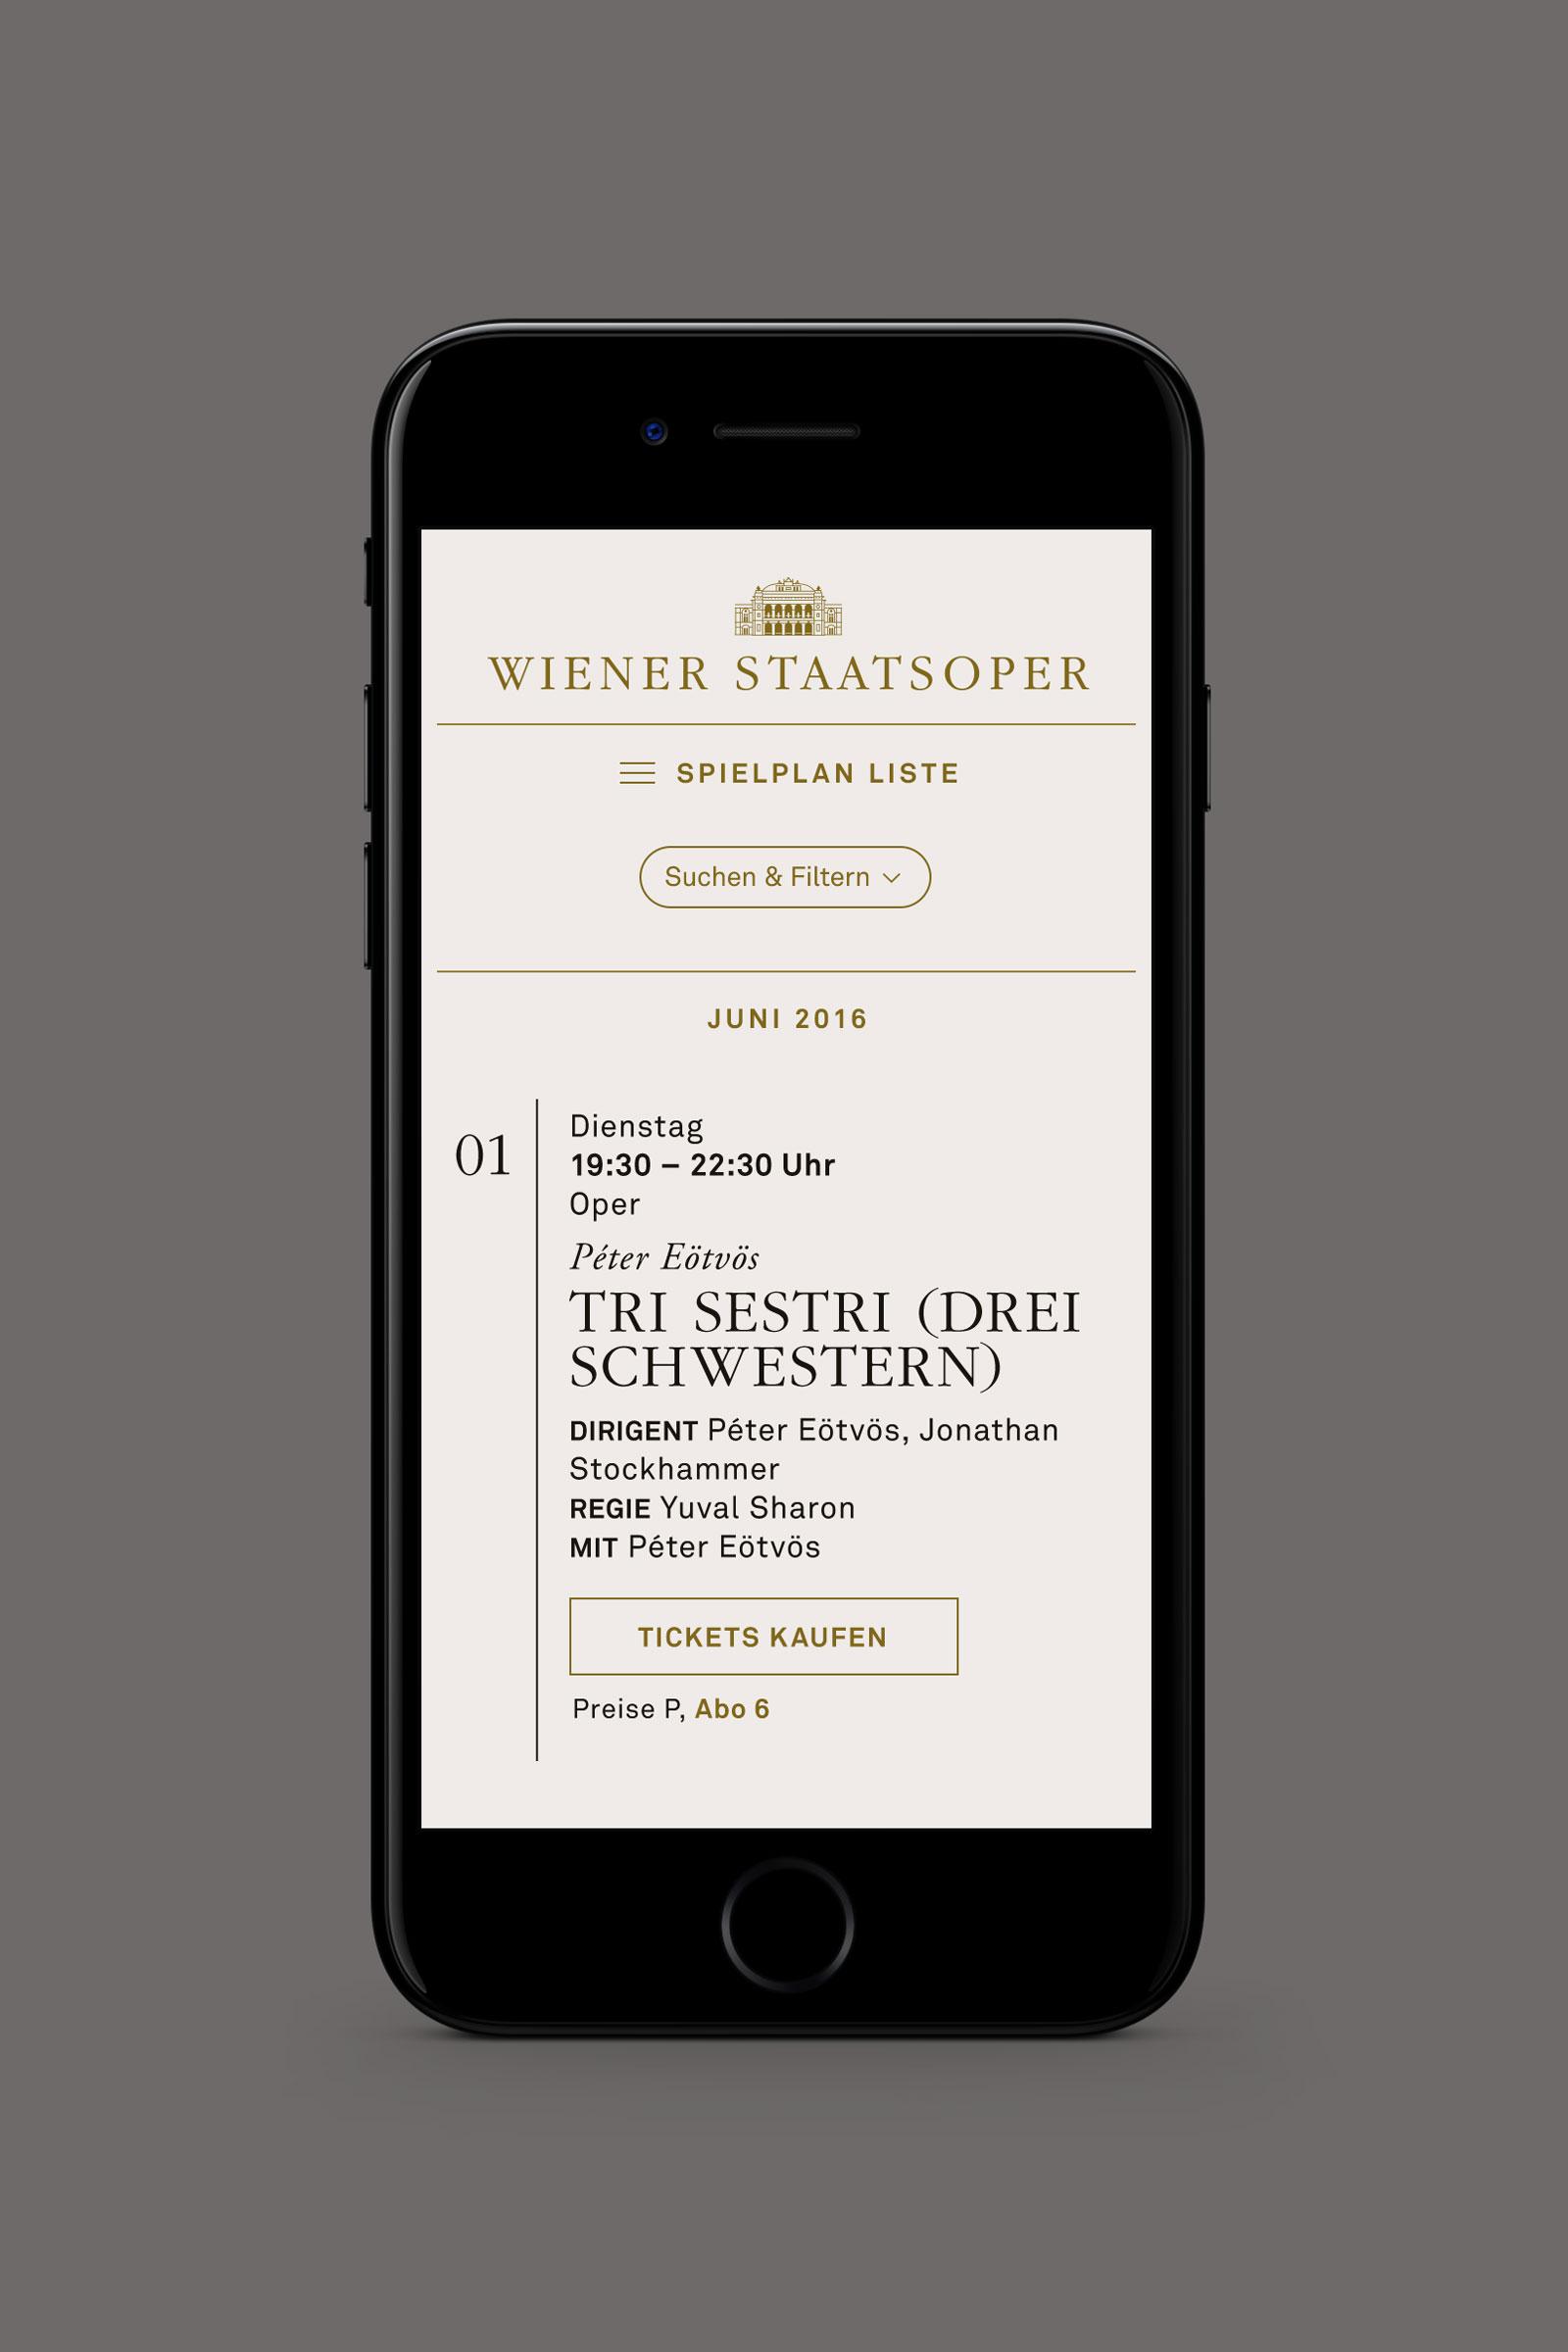 Staatsoper Wien Iphone 02